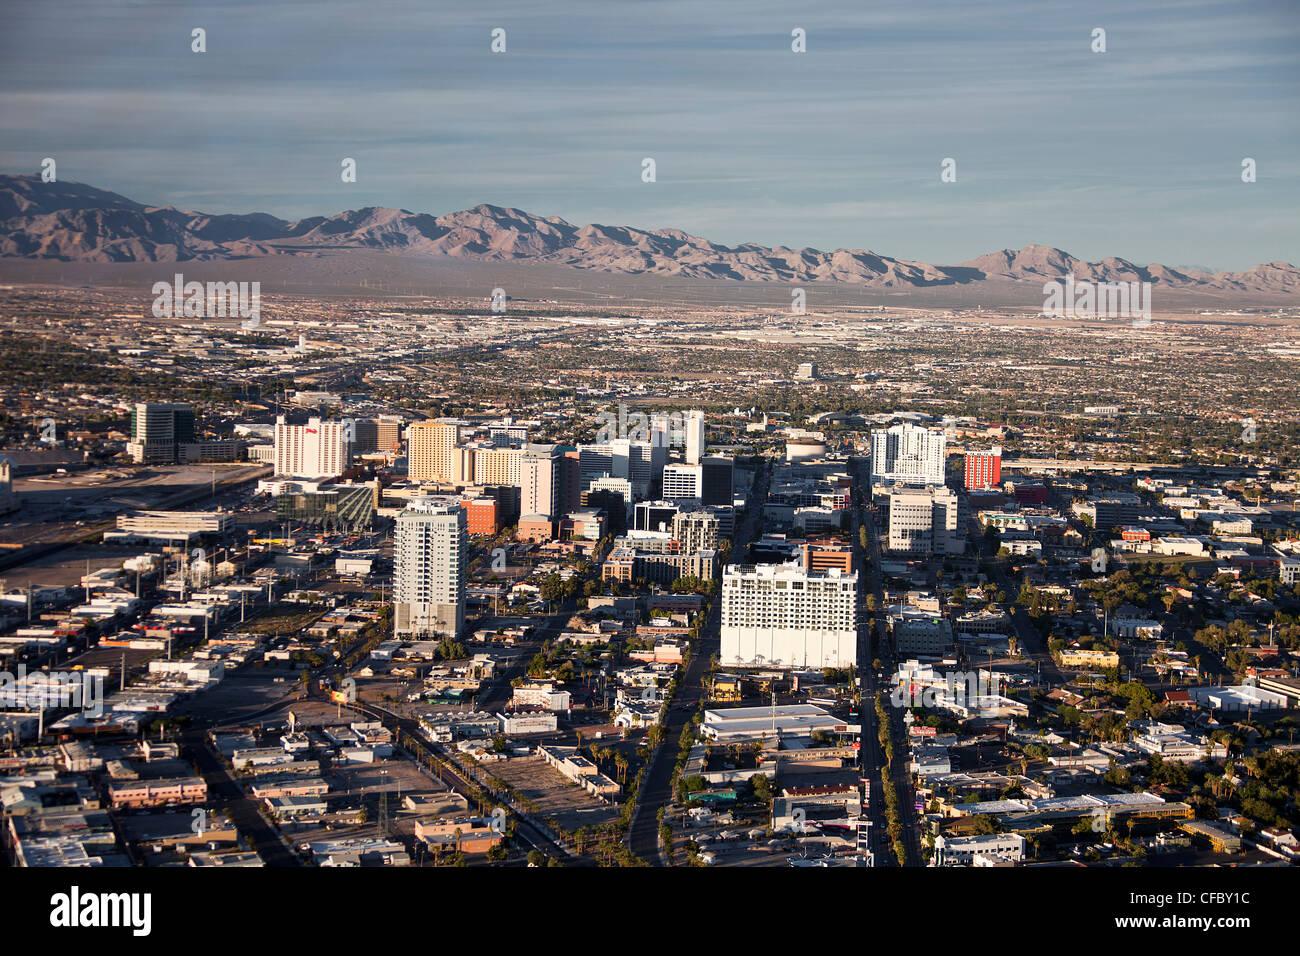 Stati Uniti d'America, Stati Uniti, America, Nevada, Las Vegas, Città, downtown, vista aerea, secco, piatta, Immagini Stock